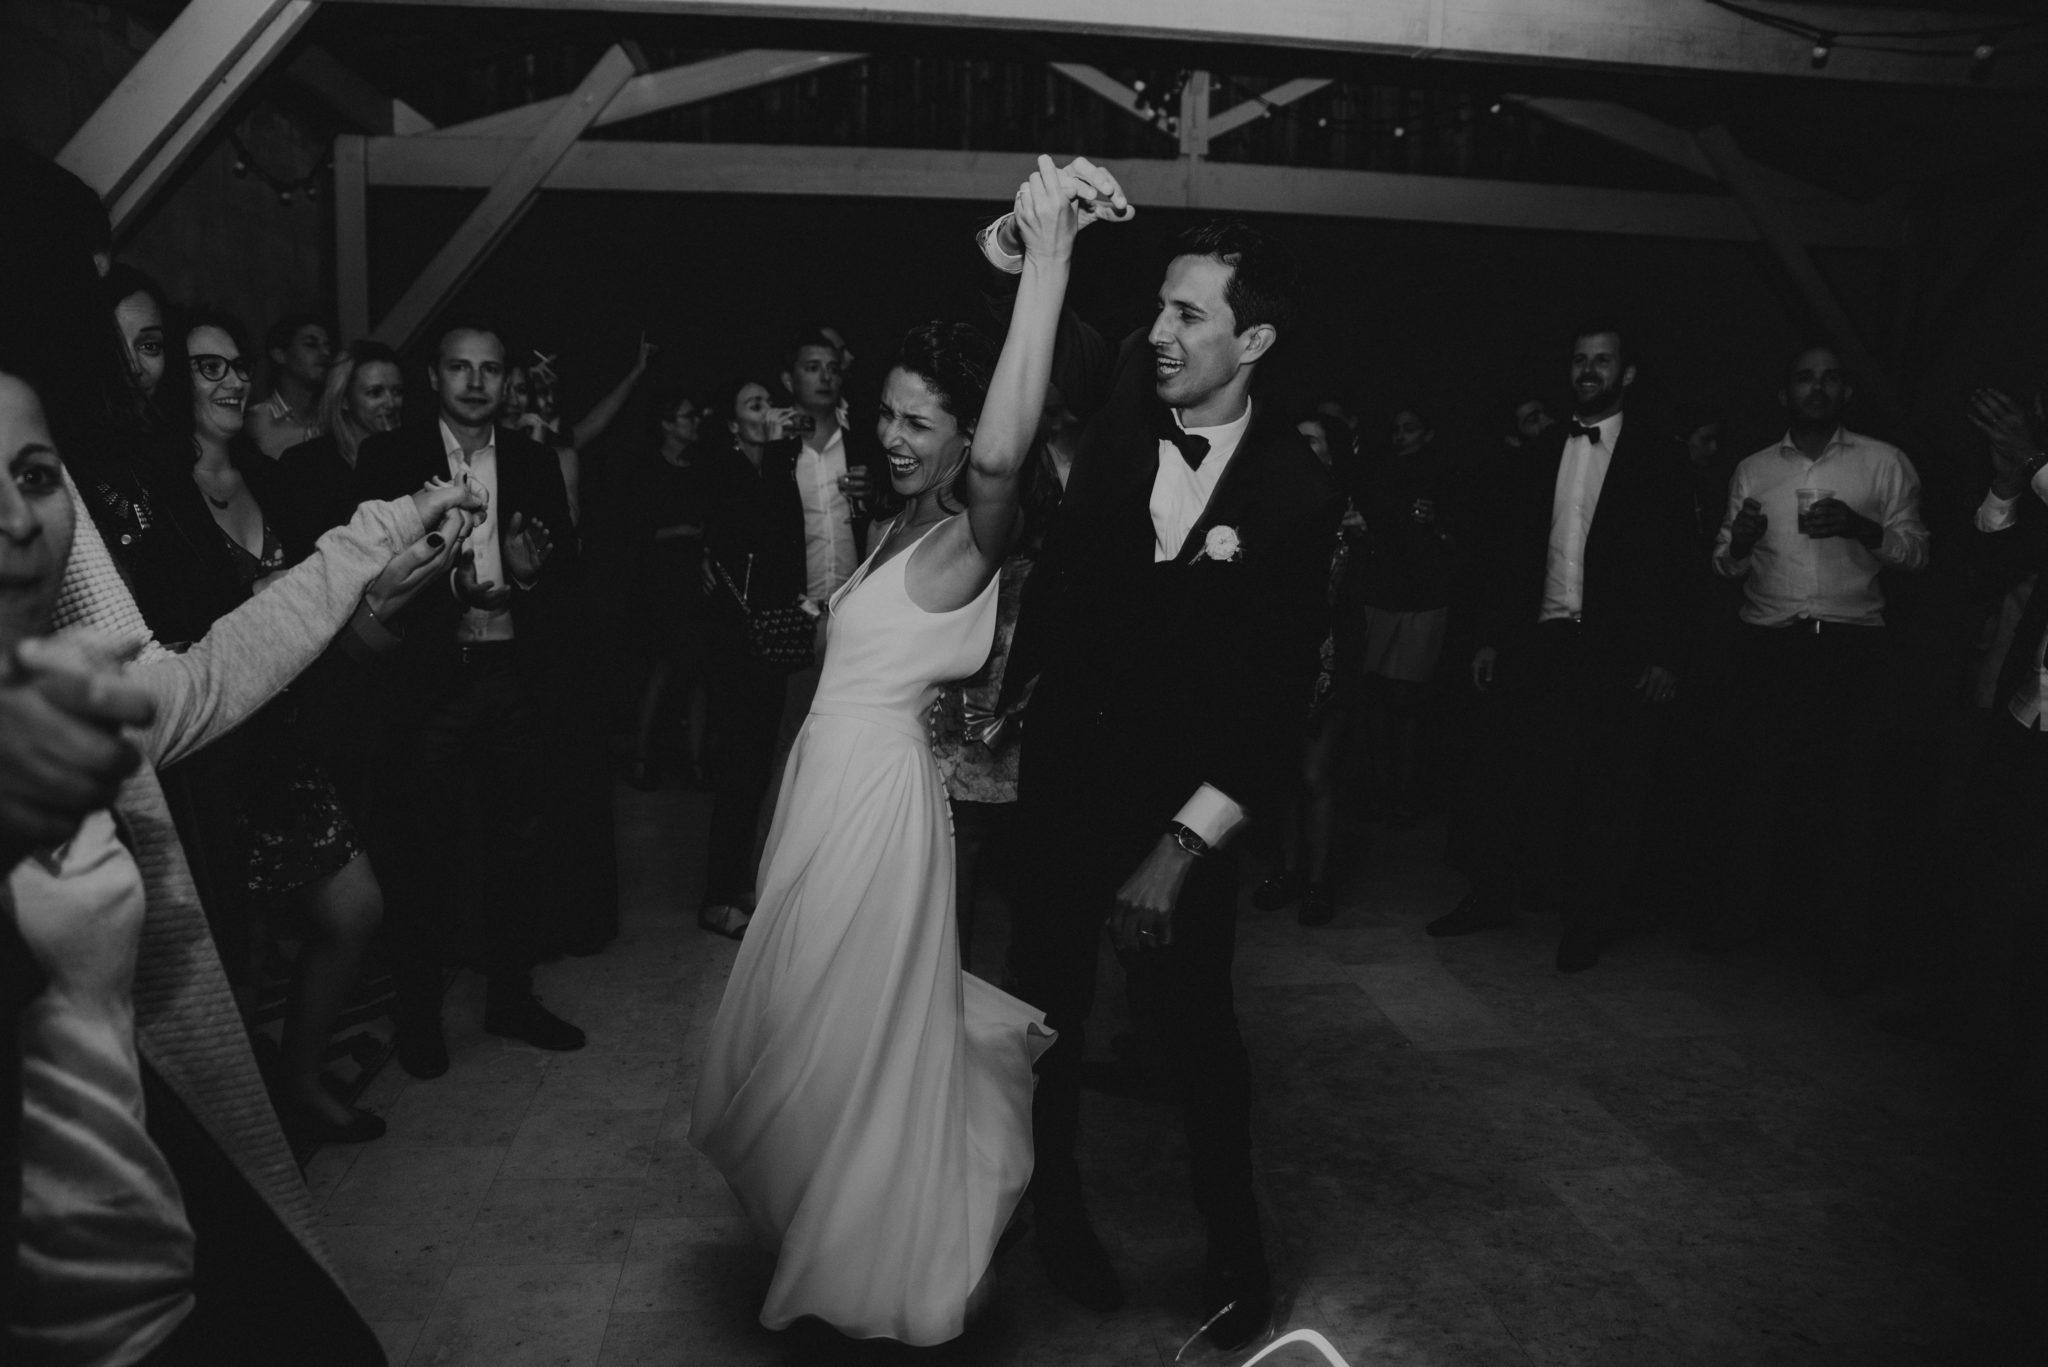 wedding-planner-jour-j-couple-mariage-danse-couple